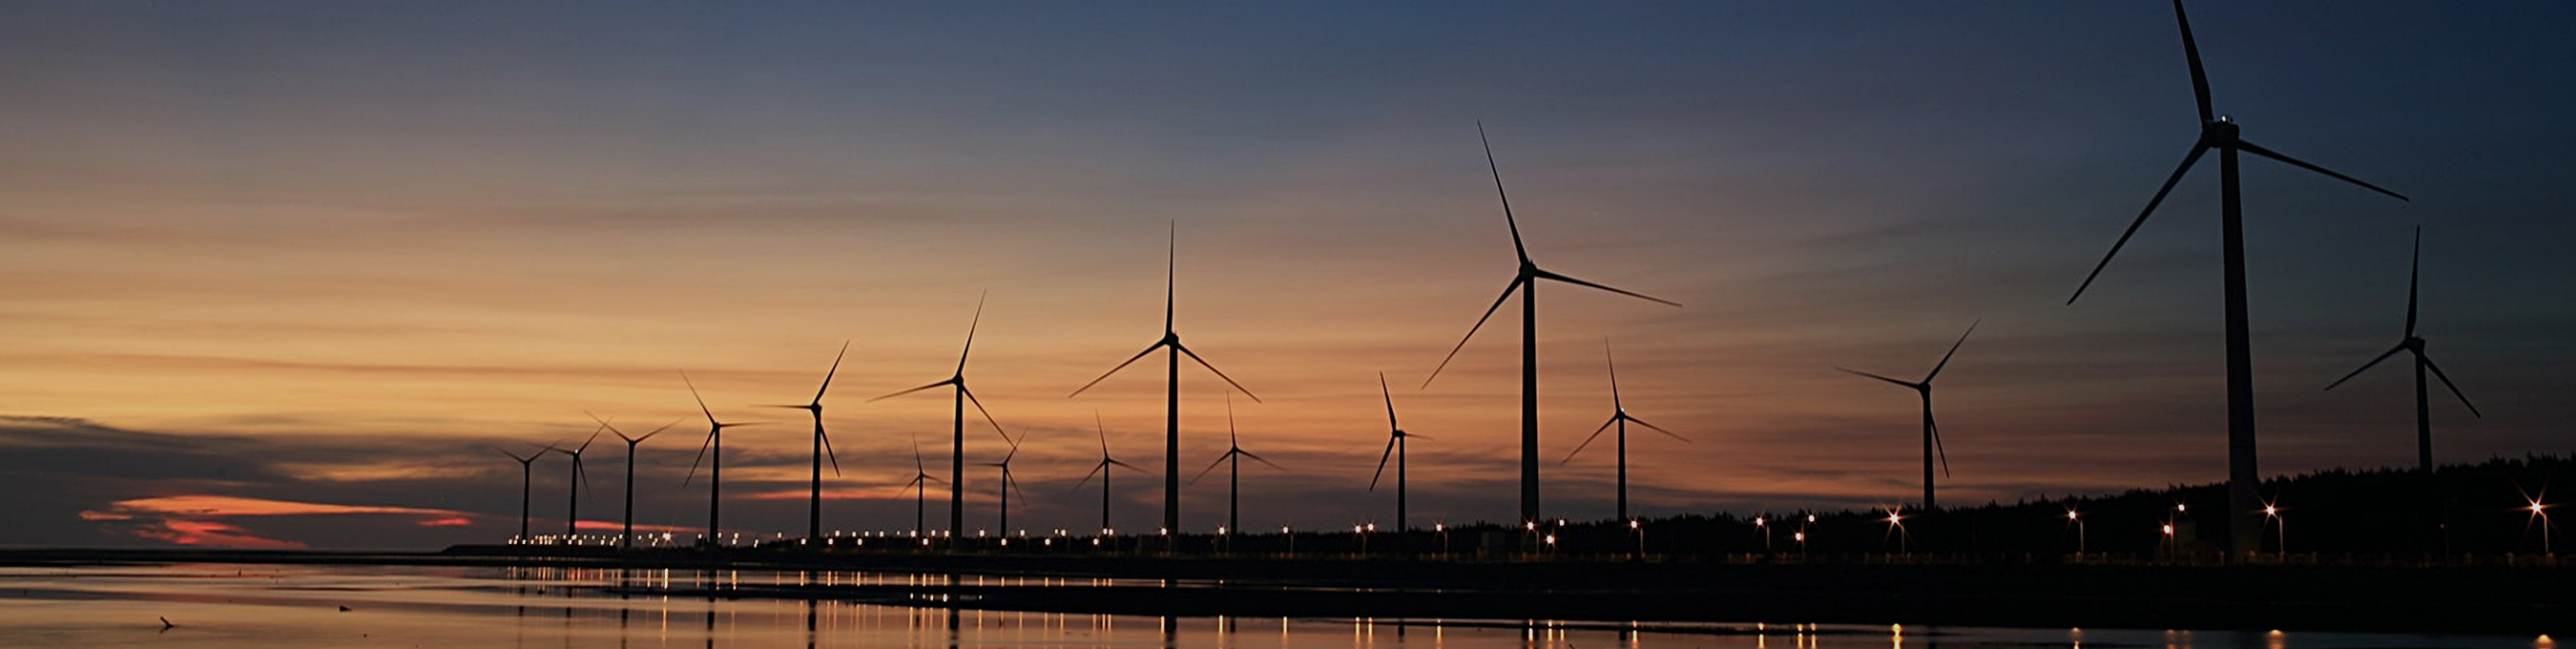 clean energy careers